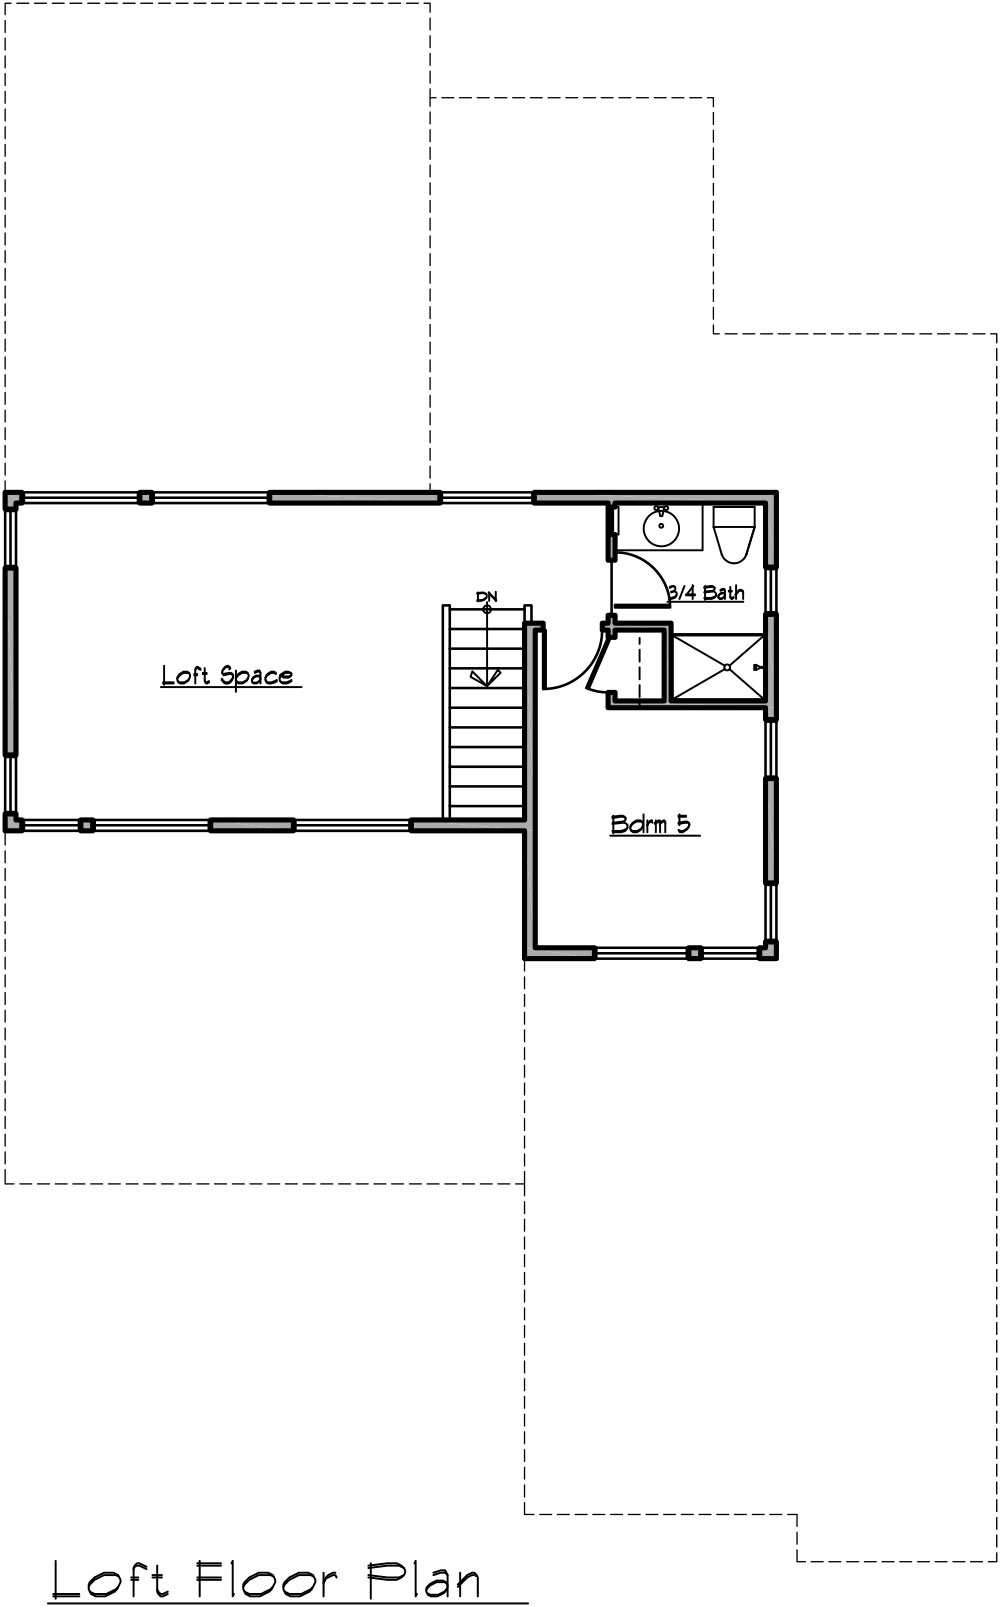 Mrktg-5602-Plan-E-3.jpg